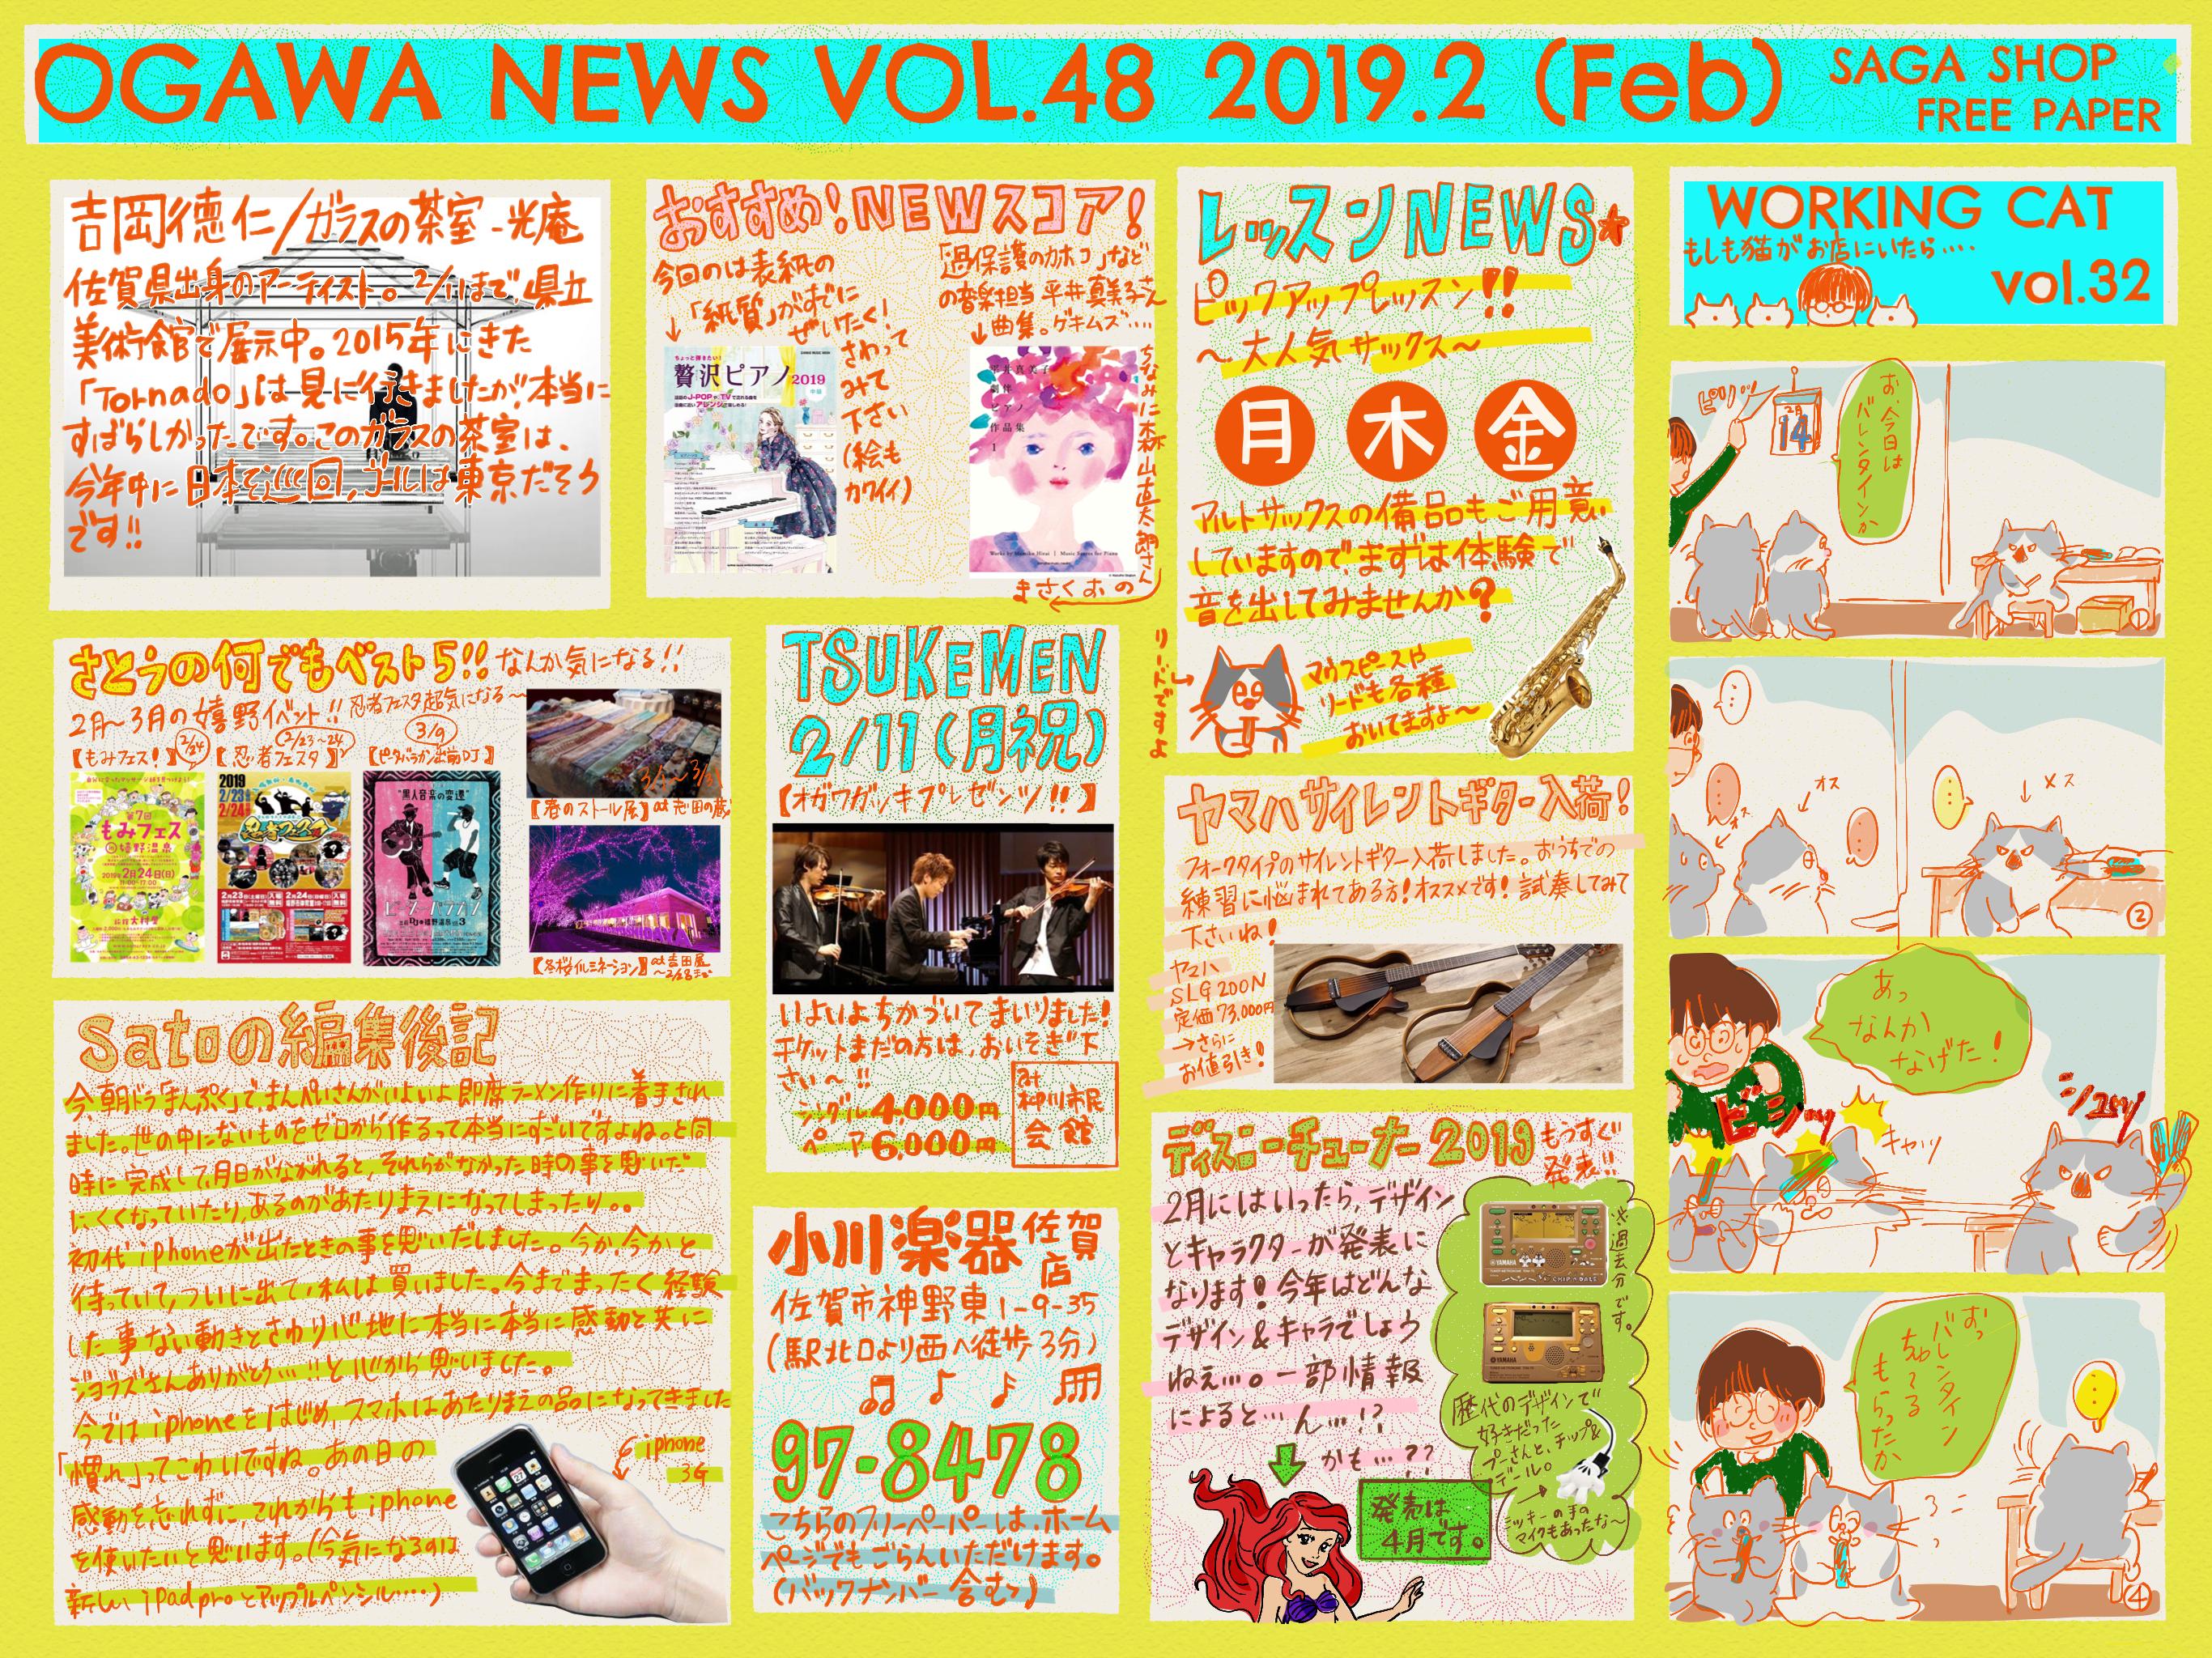 【佐賀店フリーペーパー】vol.48 2019年2月号